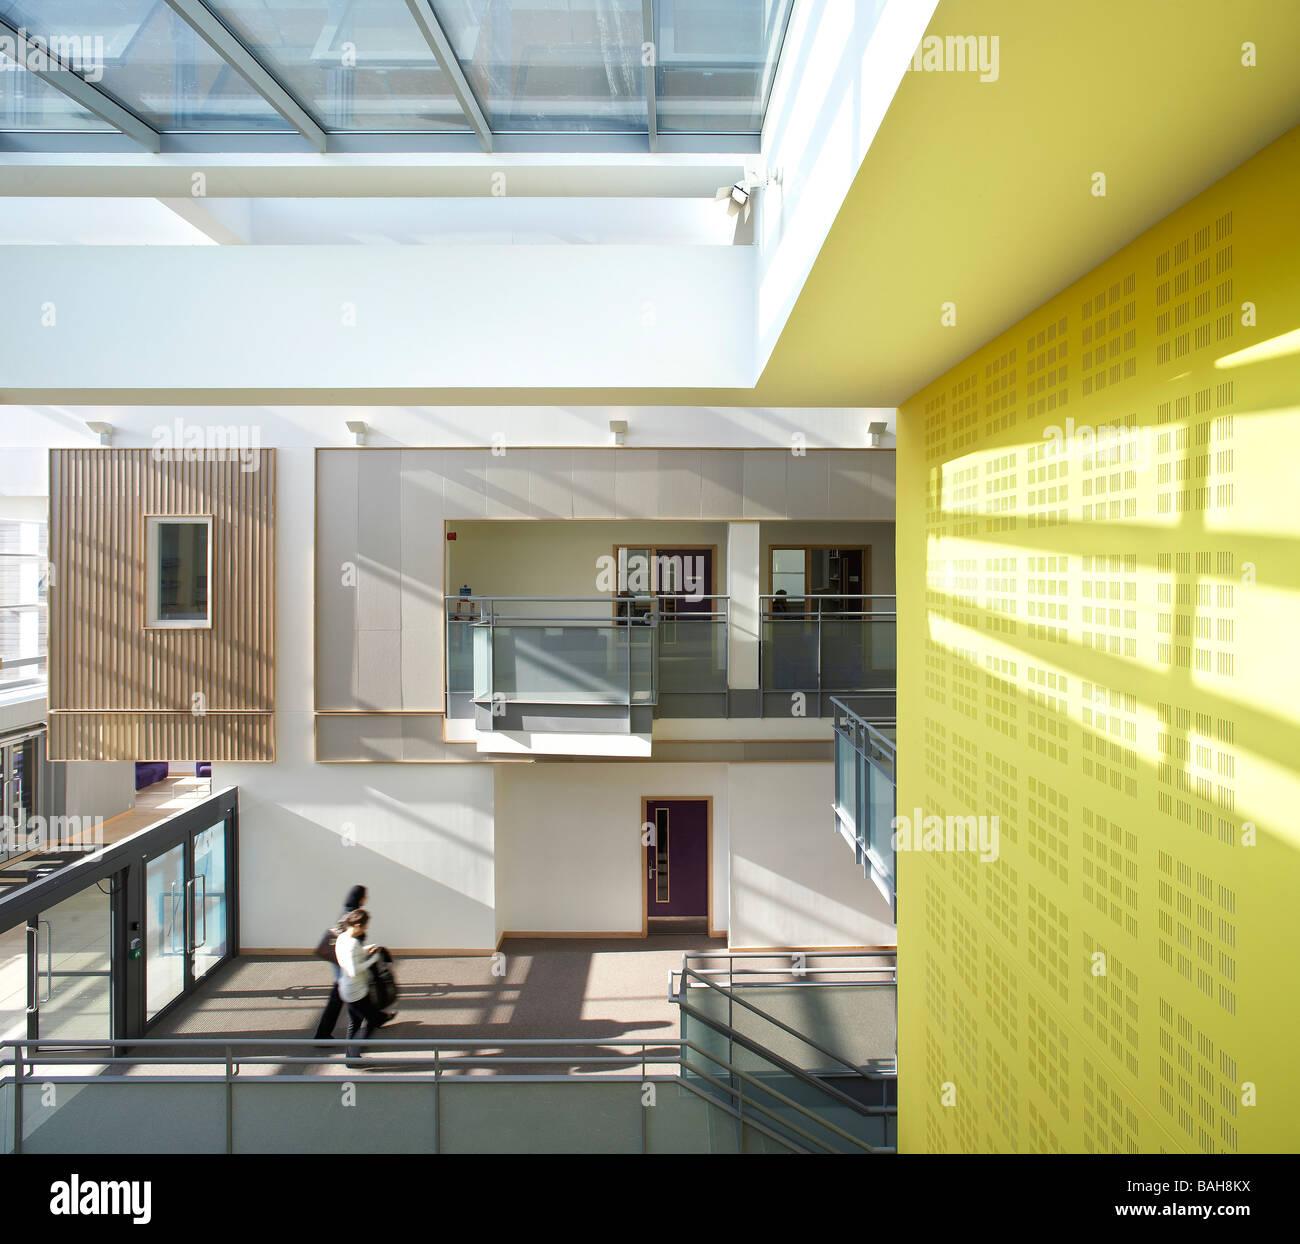 Accademia di Paddington, Londra, Regno Unito, Feilden Clegg Bradley Architects, Paddington academy. Immagini Stock